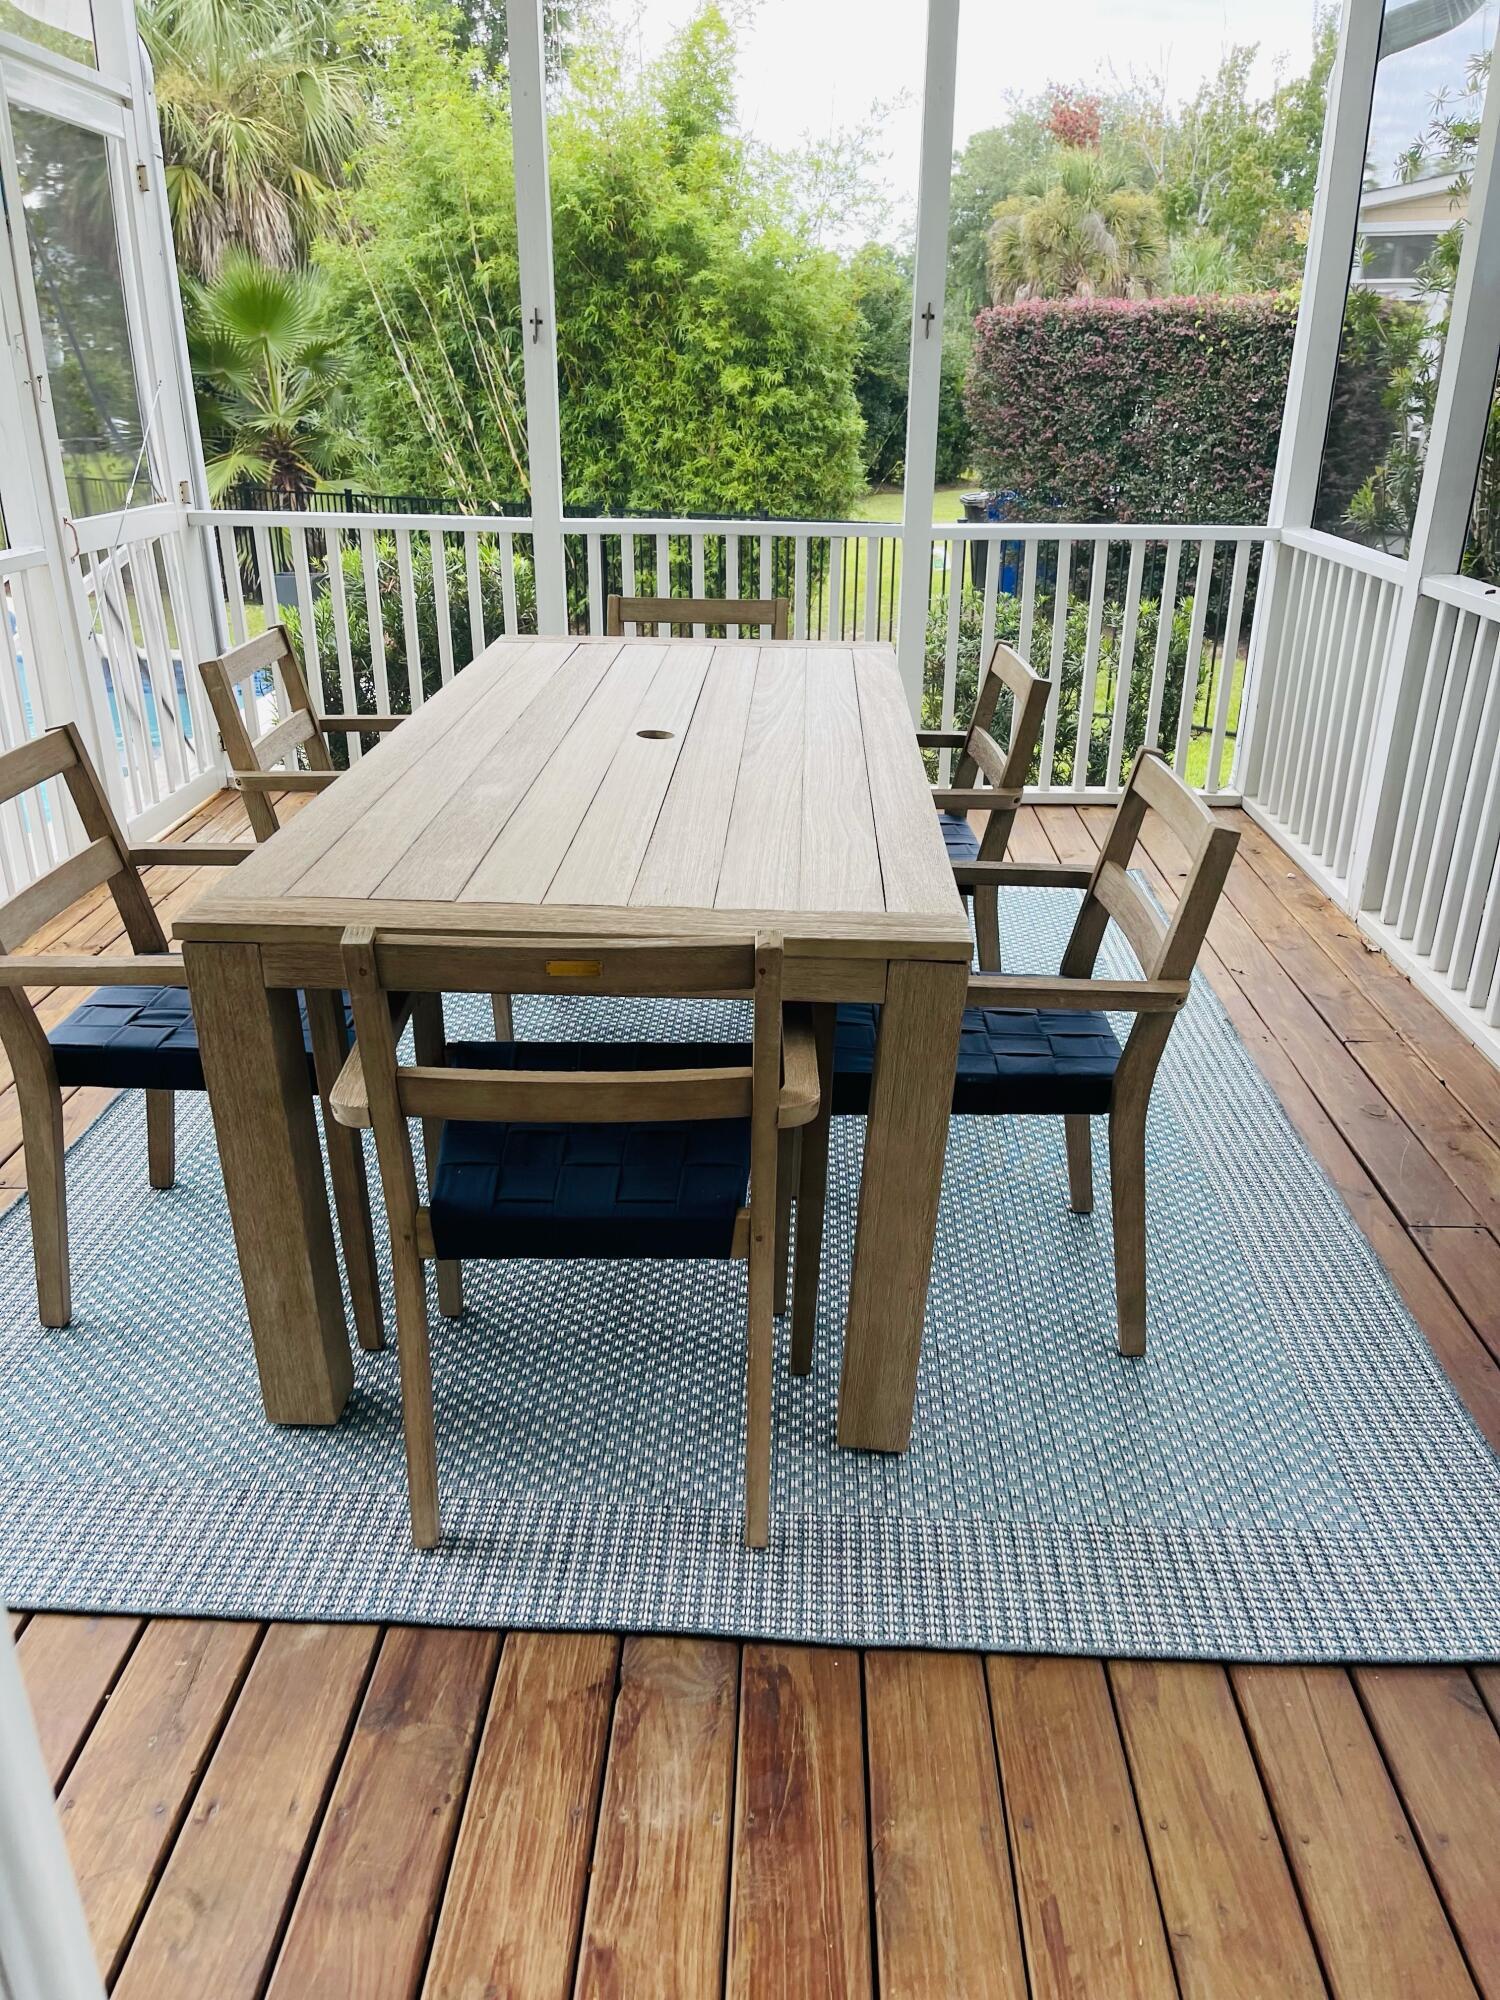 Dunes West Homes For Sale - 3059 Riverwood, Mount Pleasant, SC - 28